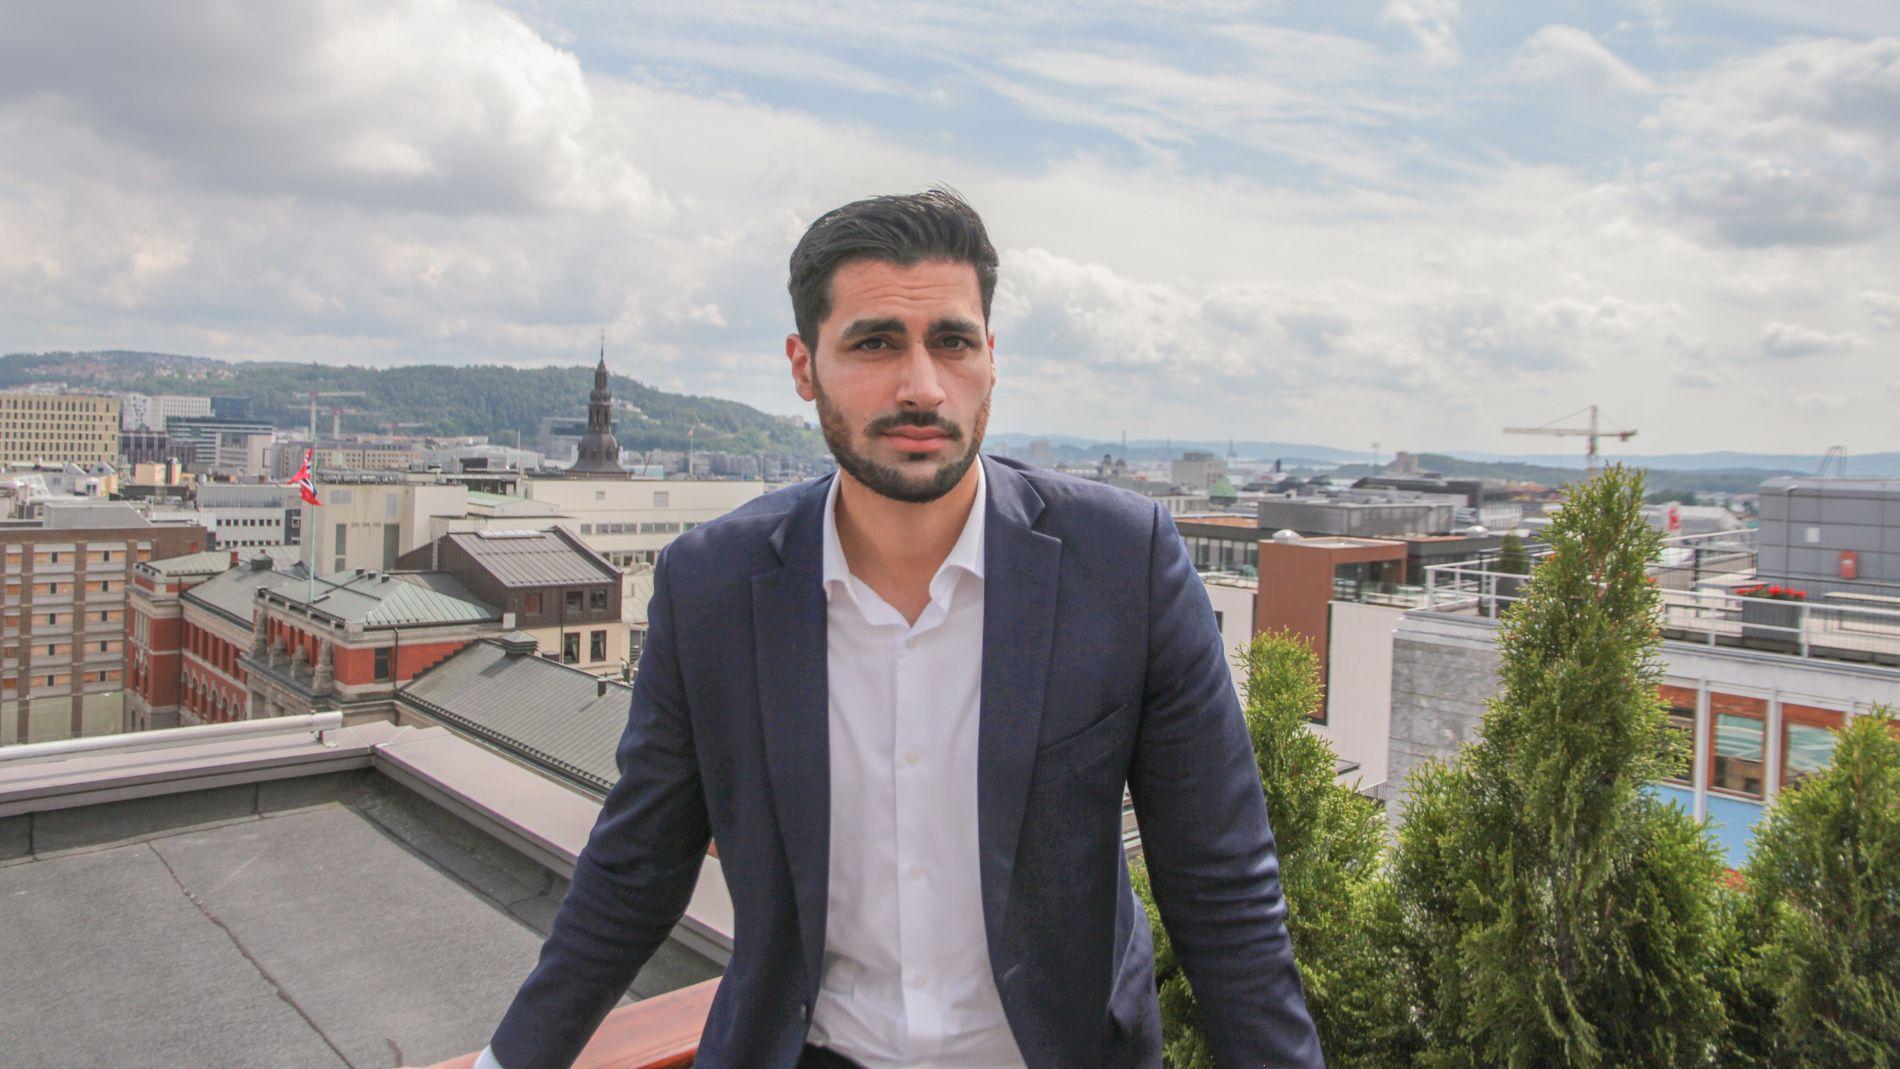 TIDLIG UTE: Da Javad Mushtaq var ung, kunne man kjøpe ringetoner til telefonen for 20–30 kroner. Han syntes det var altfor dyrt, lærte seg enkel koding og laget en nettside der man kunne laste de ned til en tiendedel av prisen.